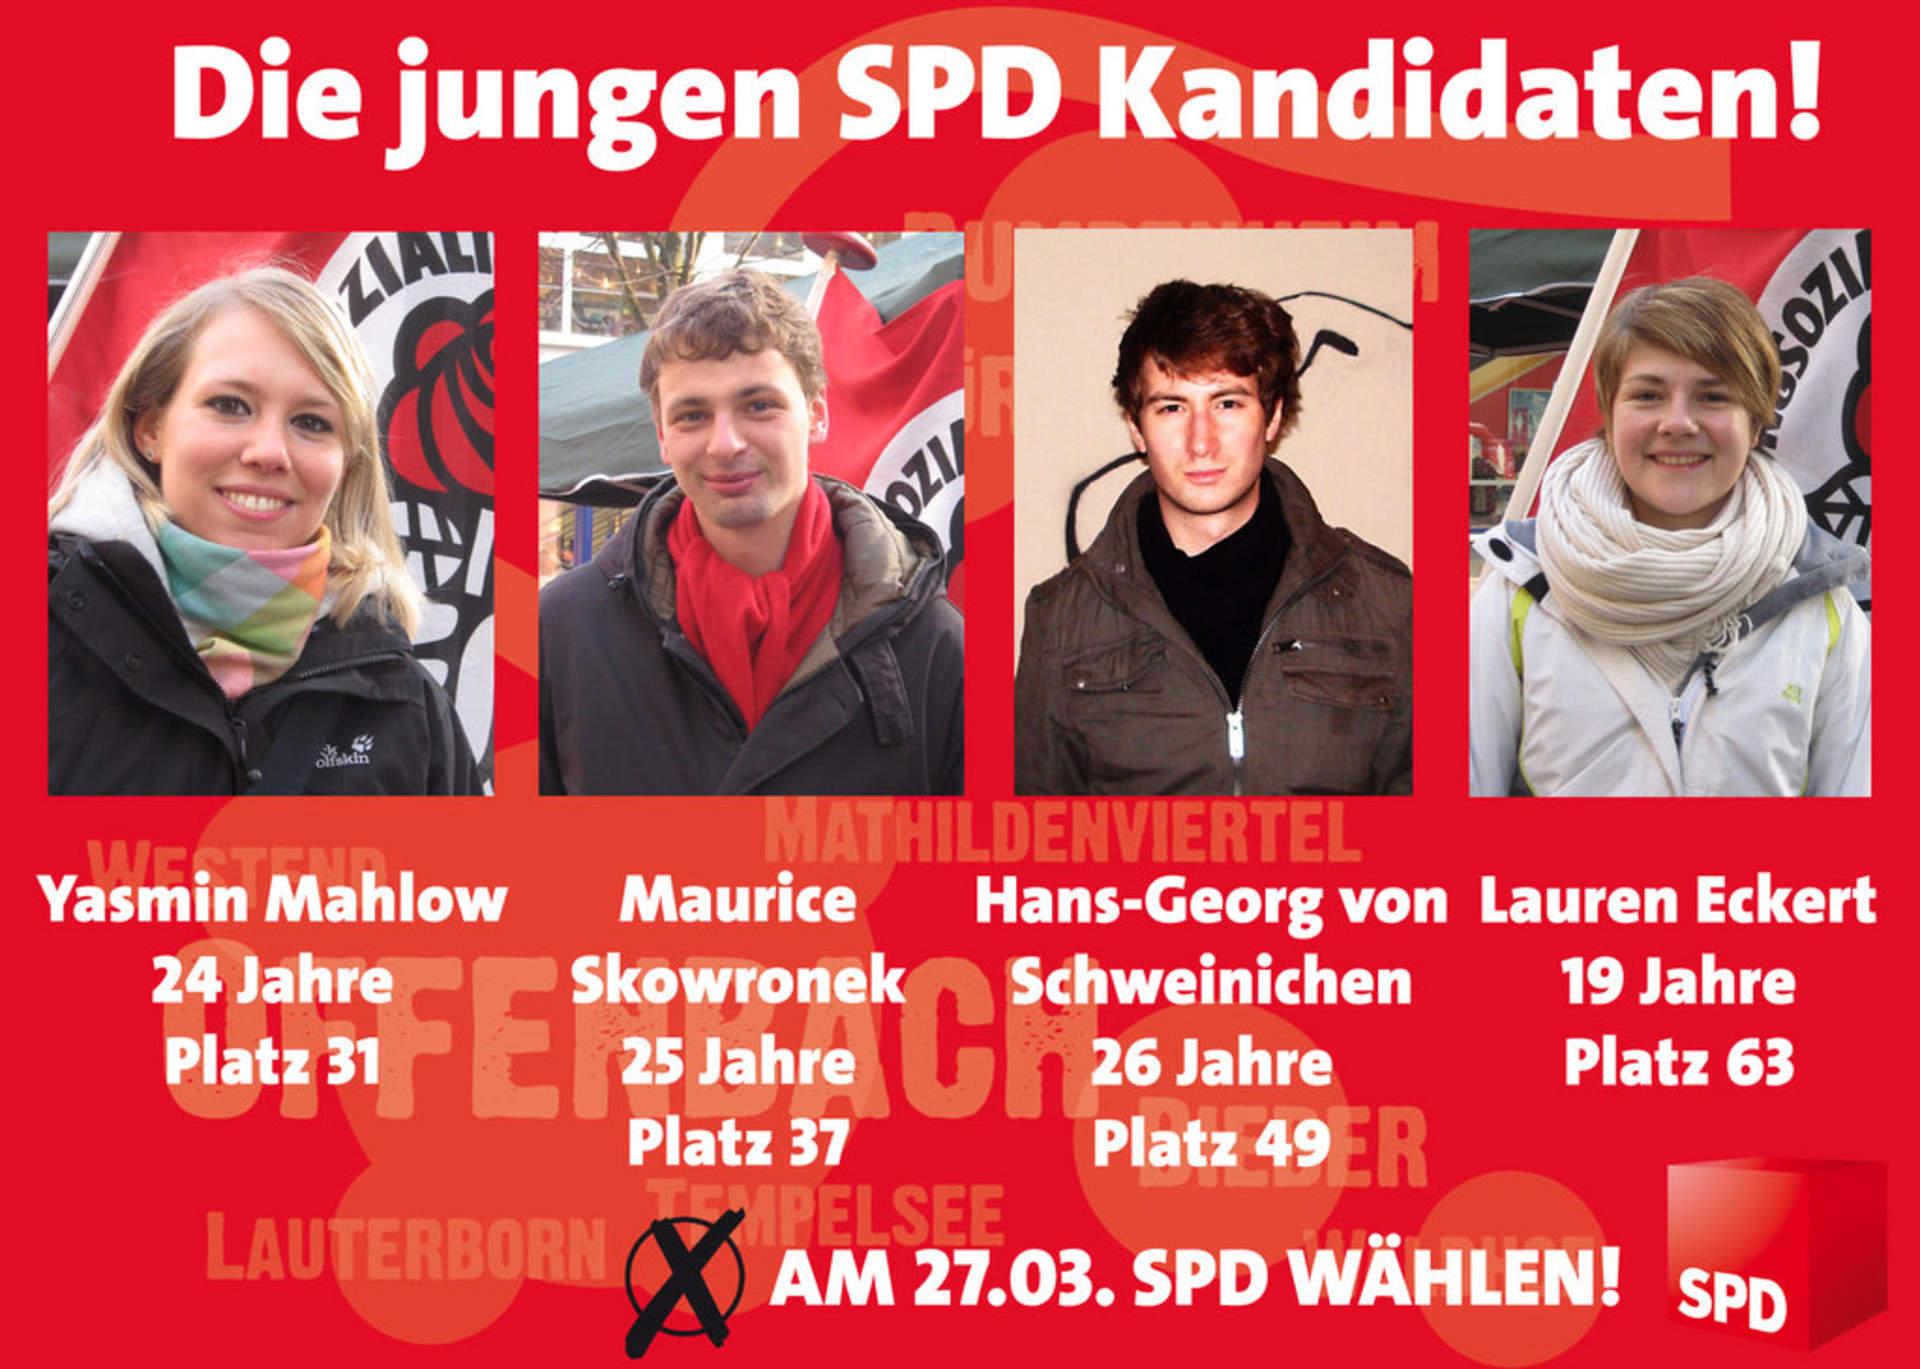 juso_kandidaten_flyer_rueckseite